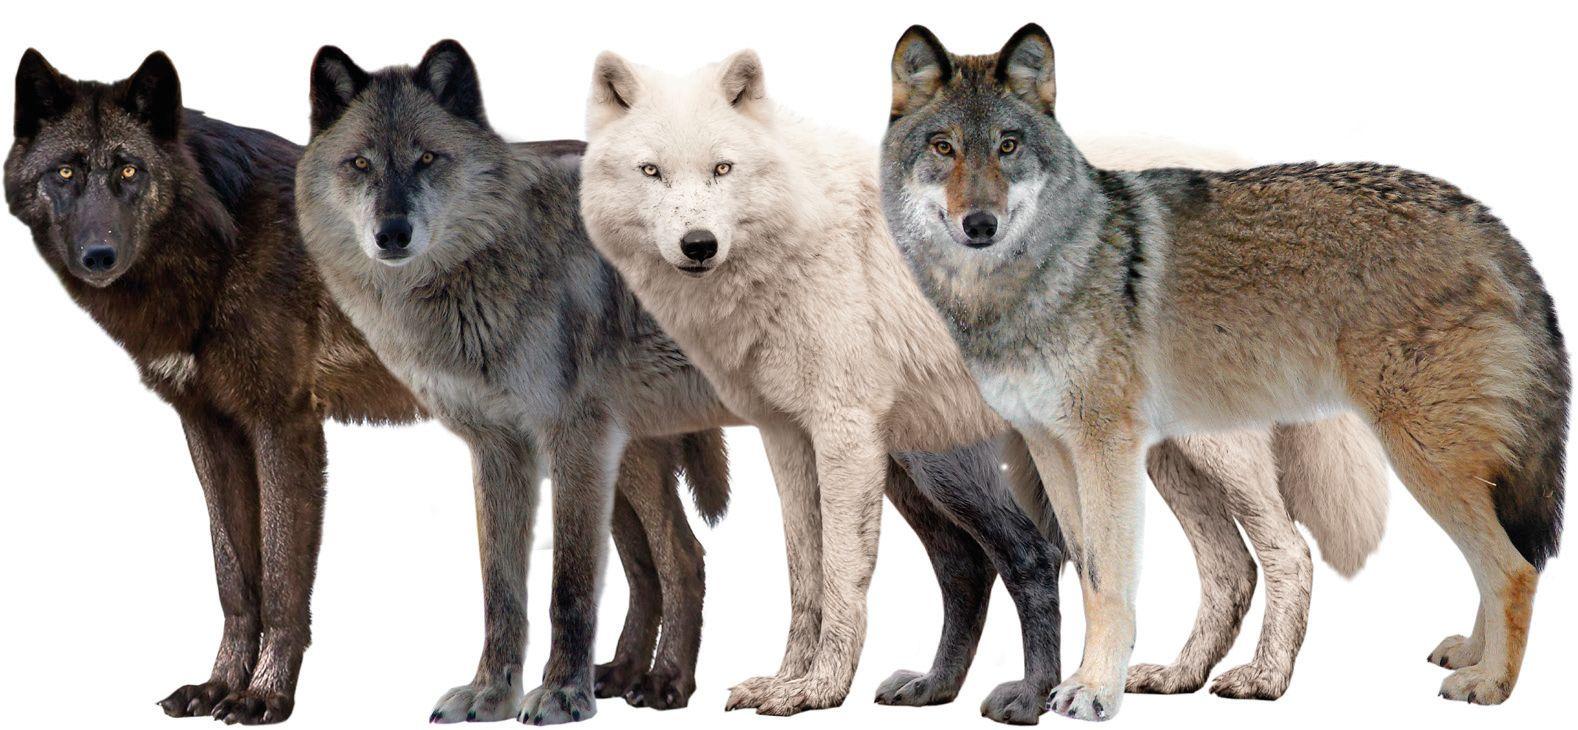 Variations in pelage color in Wolf.jpg